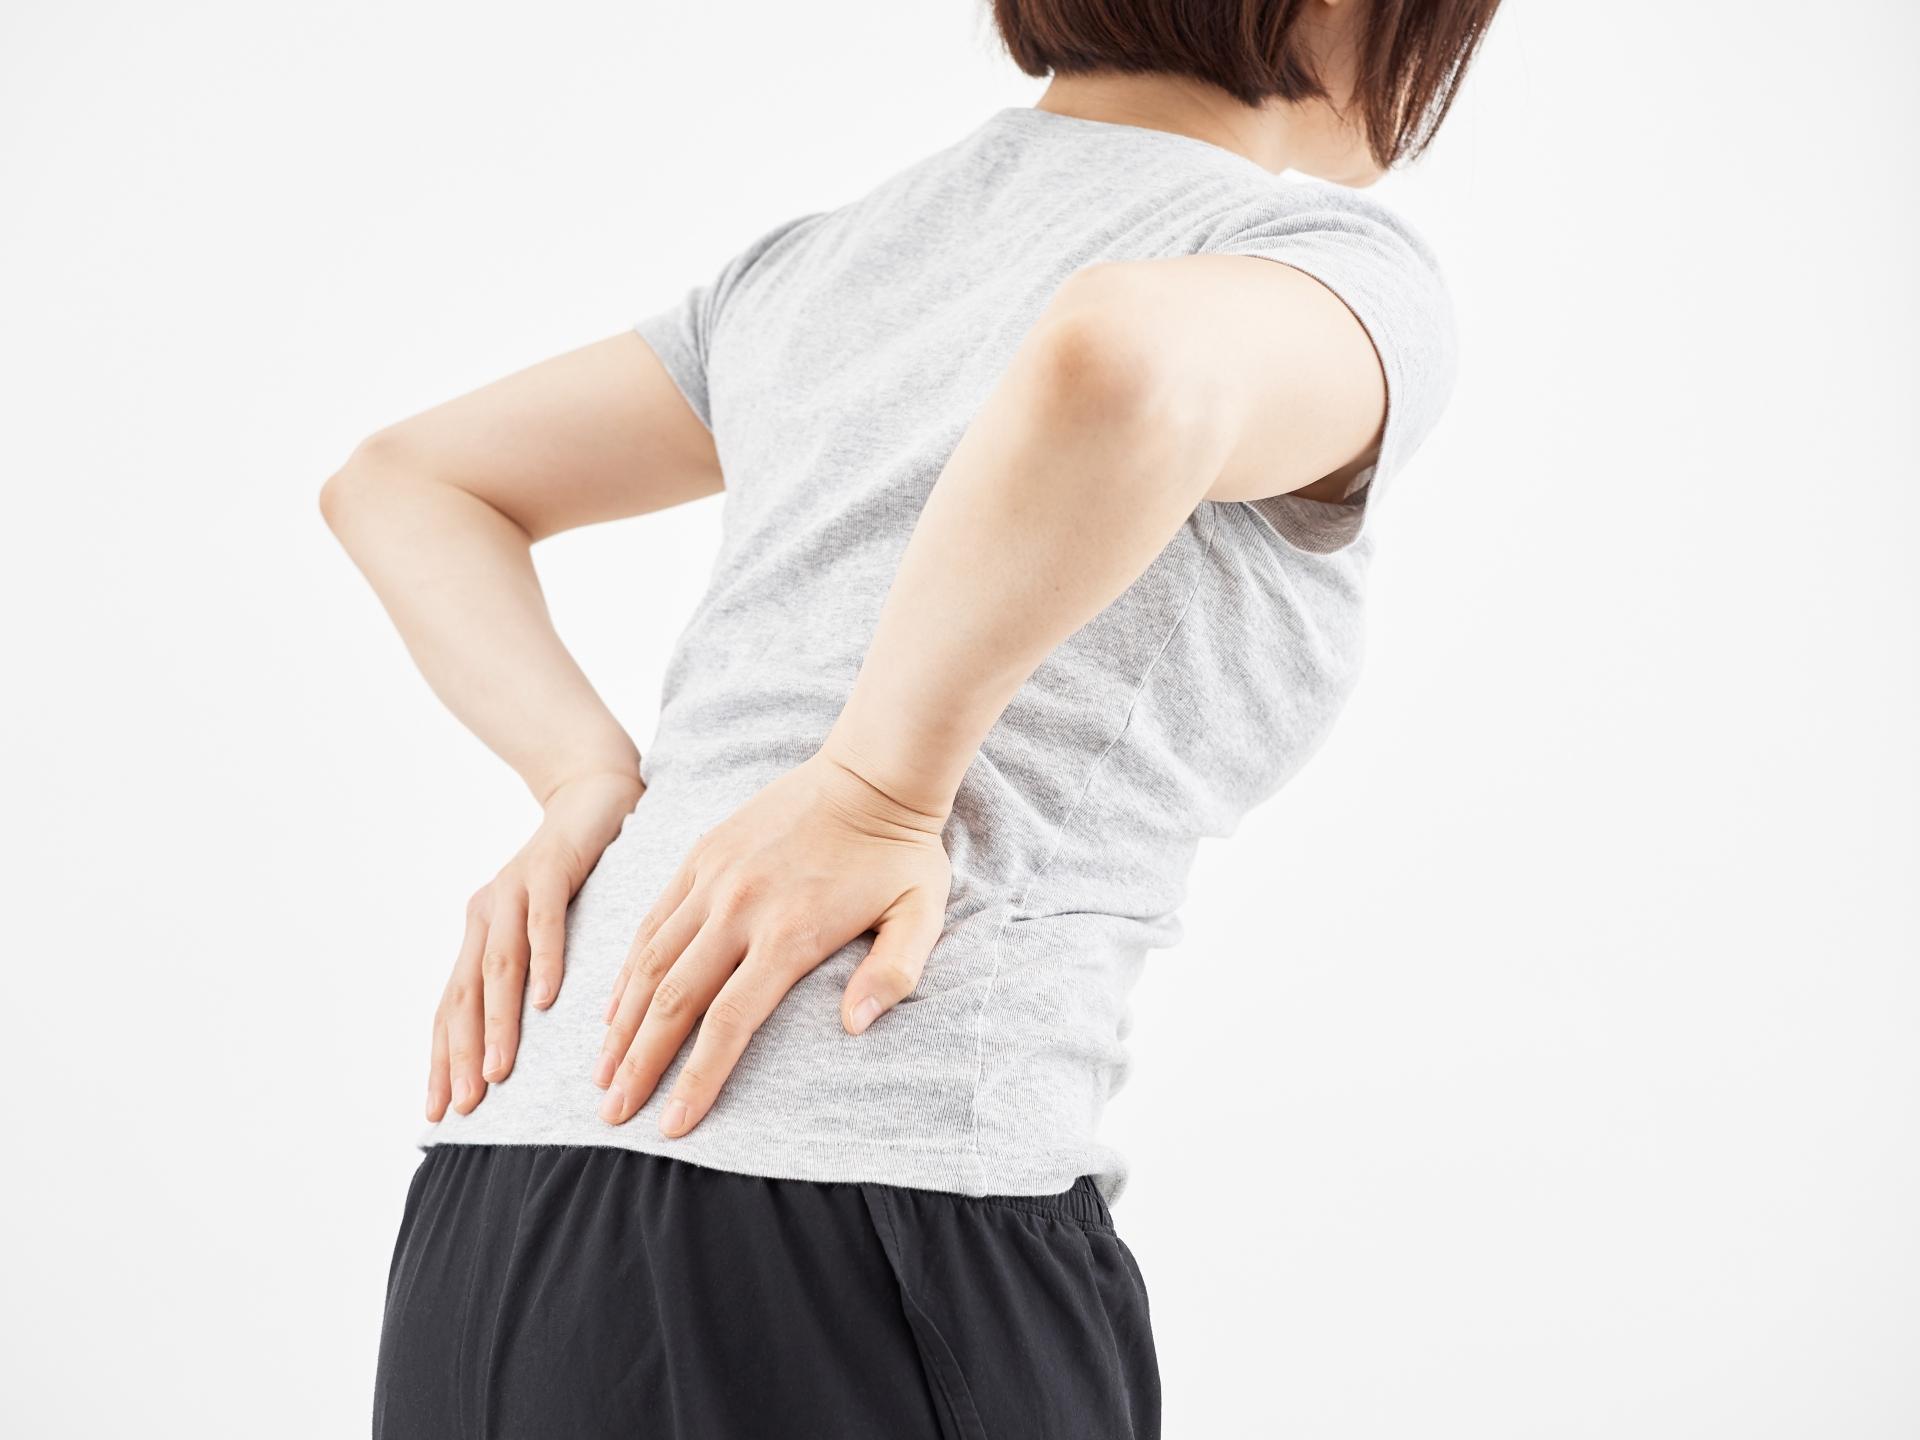 産後に歩けないほど腰が痛いのは骨盤のゆるみが原因?